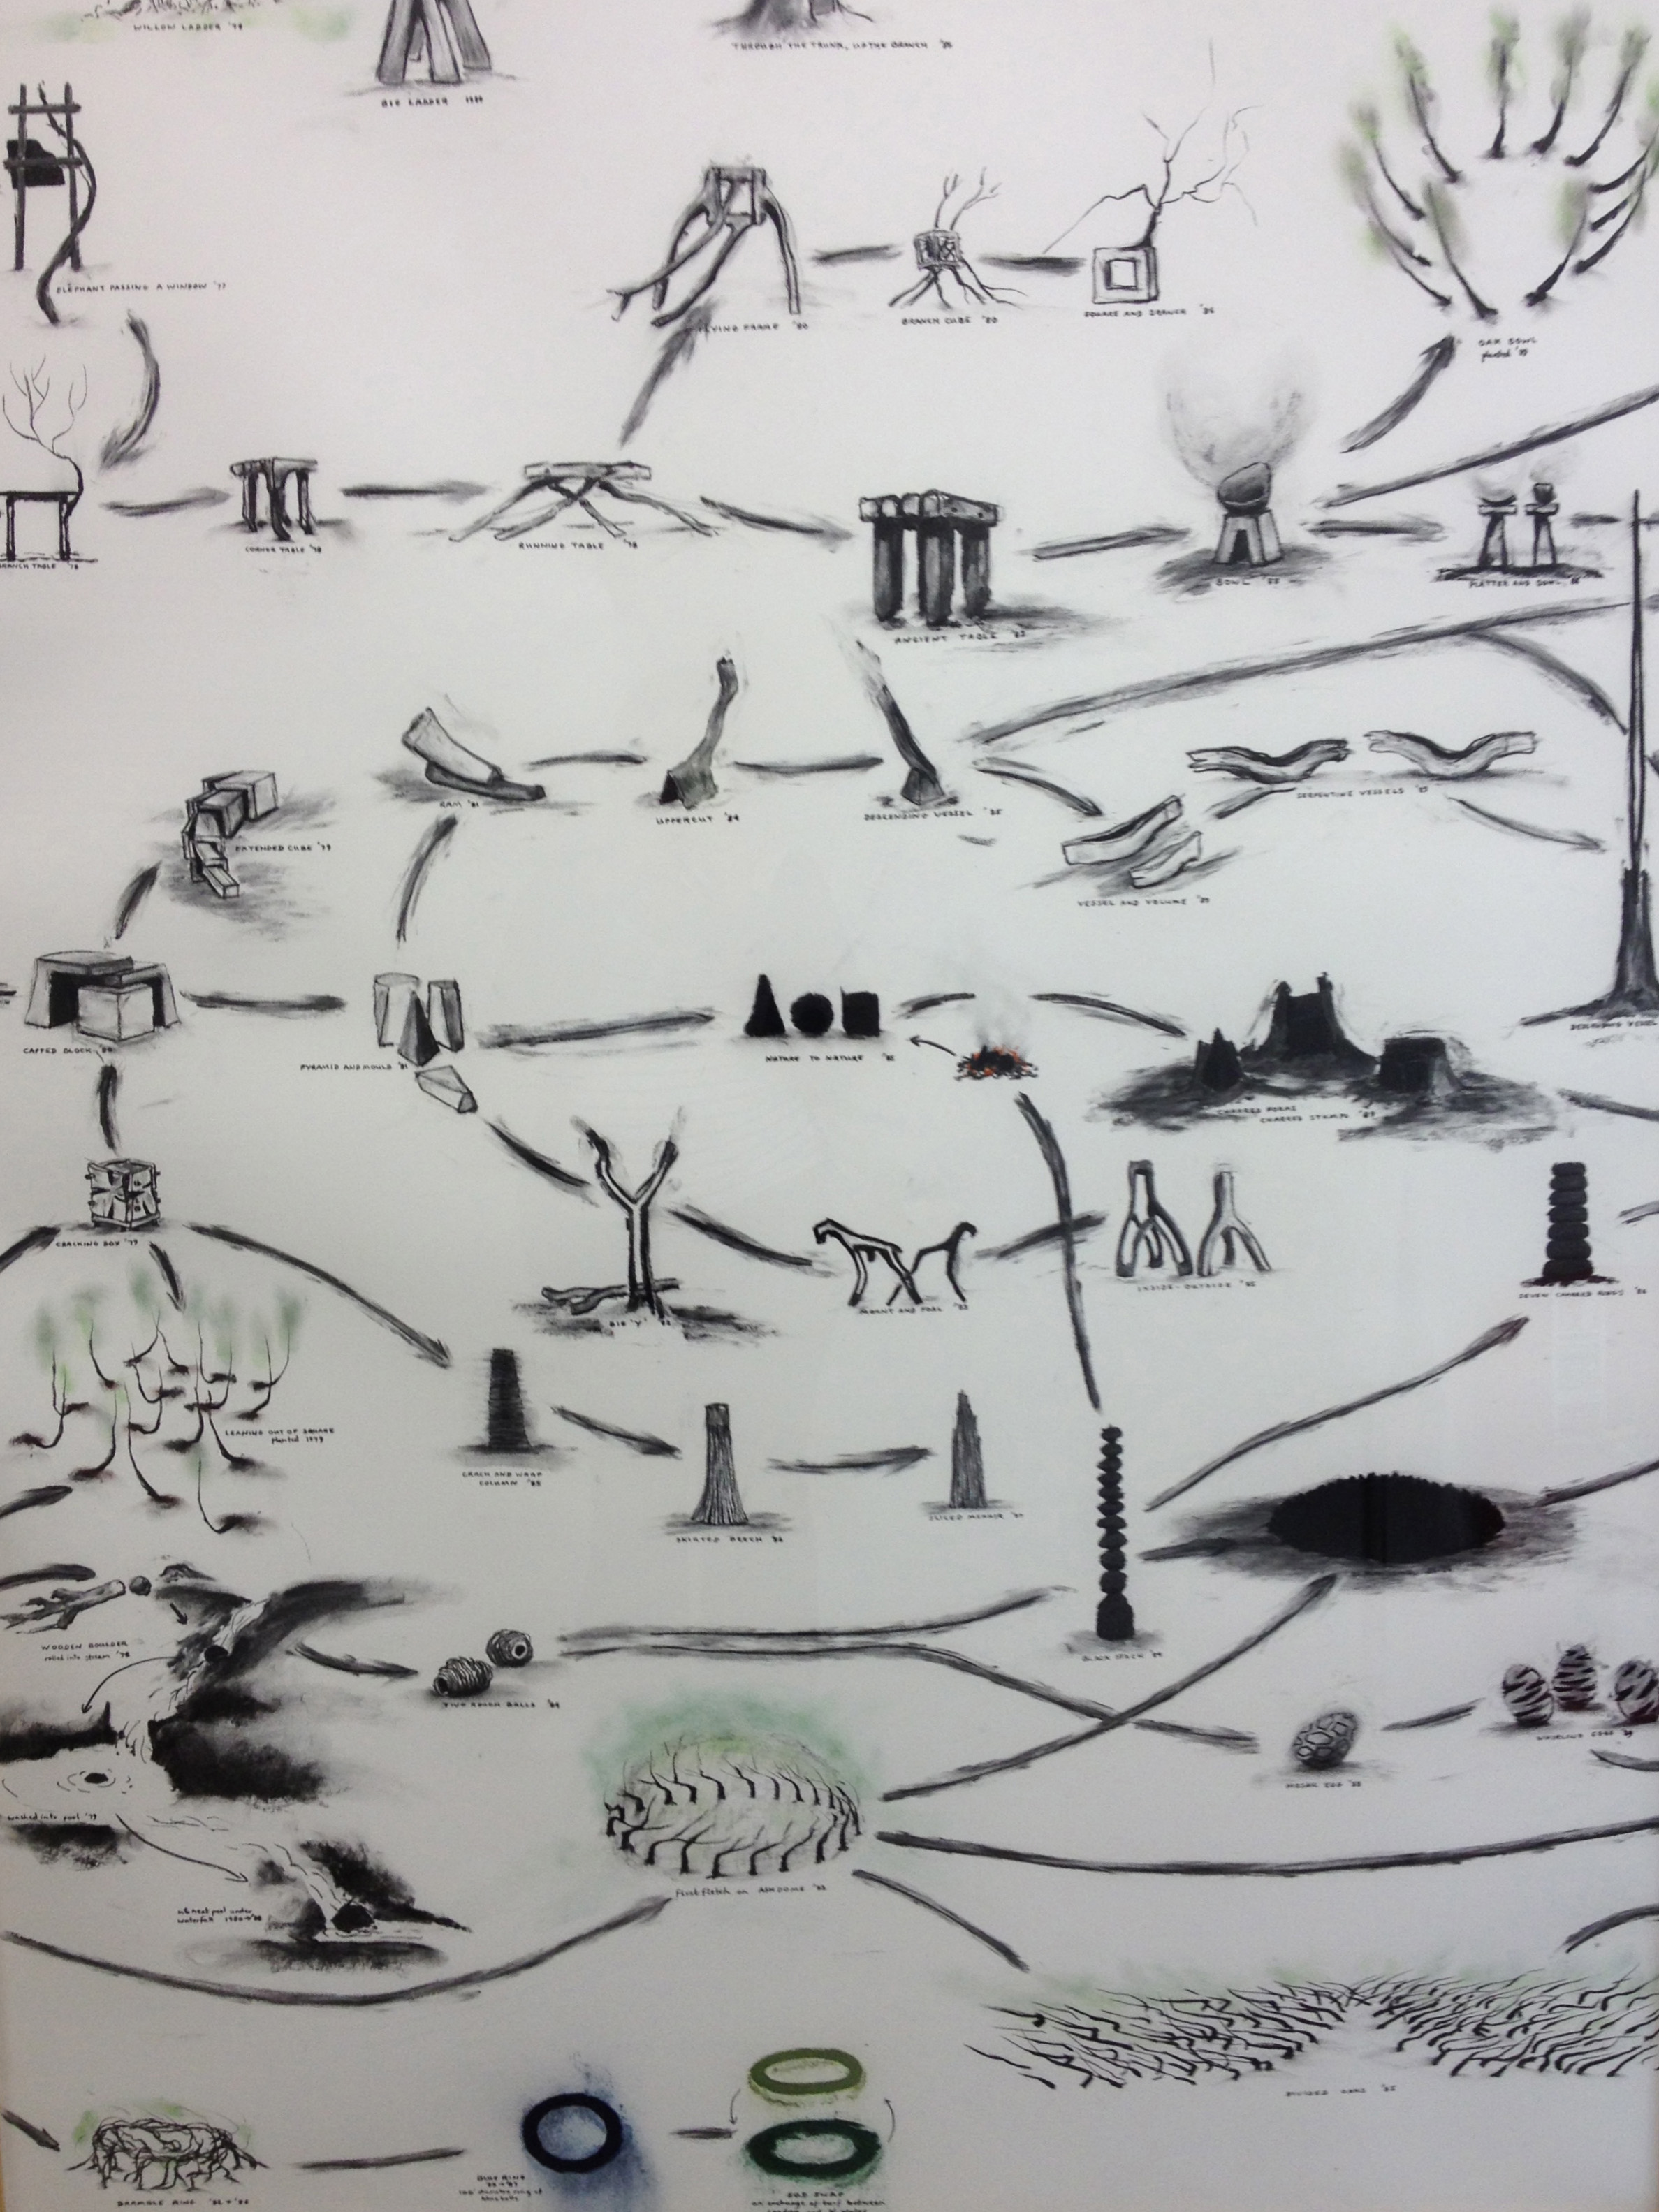 Creative Family Tree Drawings 'family Tree' of Creative